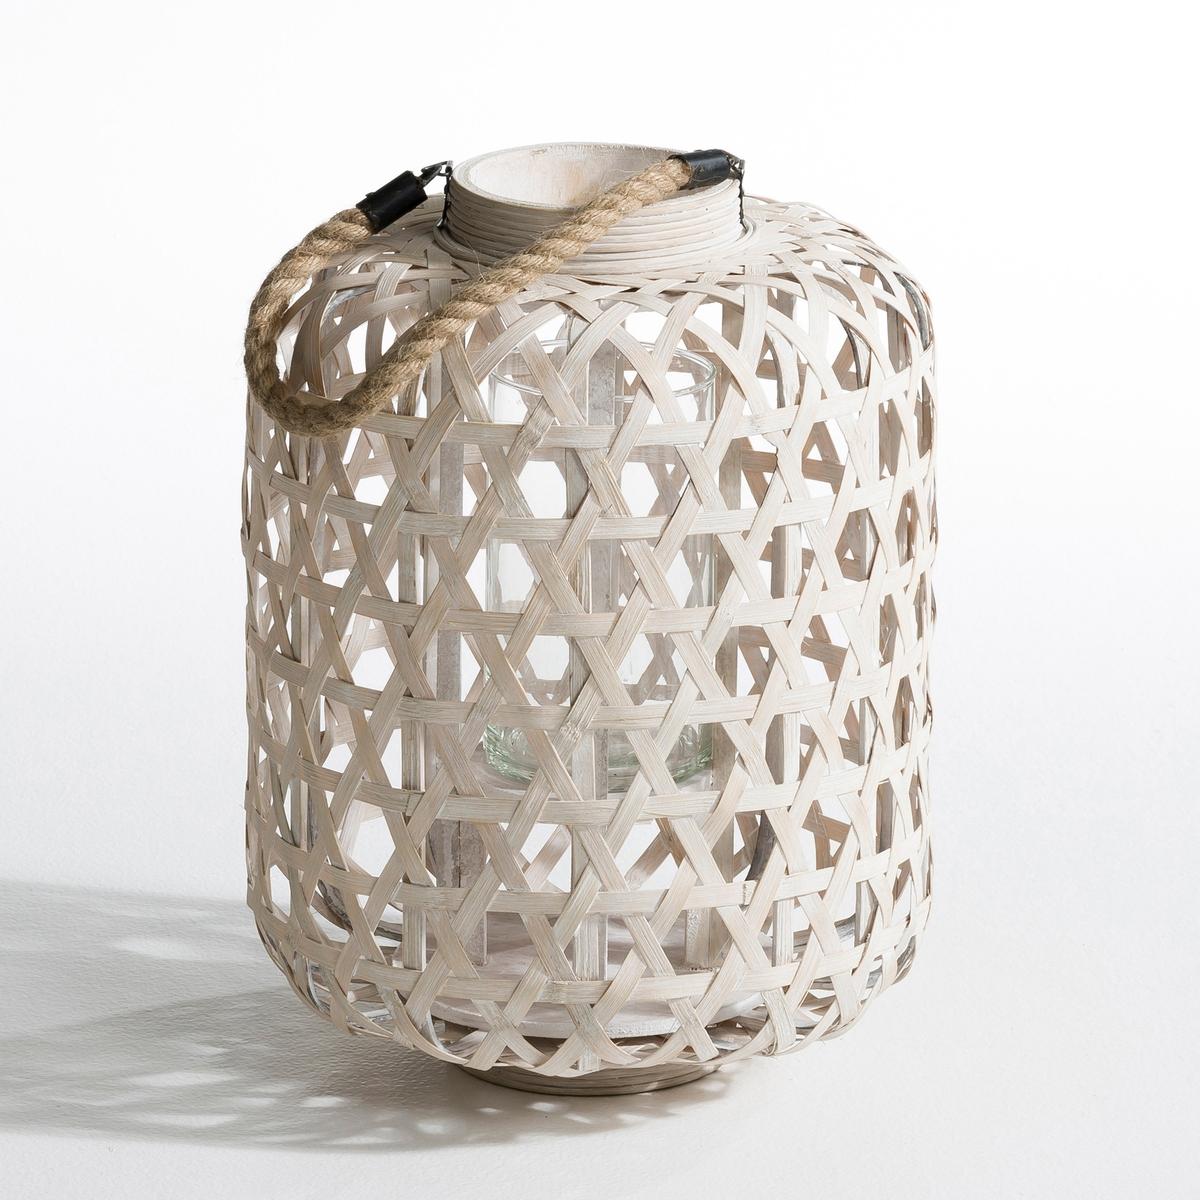 Подсвечник Procida из плетеного бамбукаПодсвечник из плетеного бамбука . Ручка из веревки . Стеклянный сосуд для свечи (?4,5 x Выс. макс..8 см) в комплект не входит . Размер . ?29 x Выс..40 см.  .<br><br>Цвет: серо-бежевый<br>Размер: единый размер